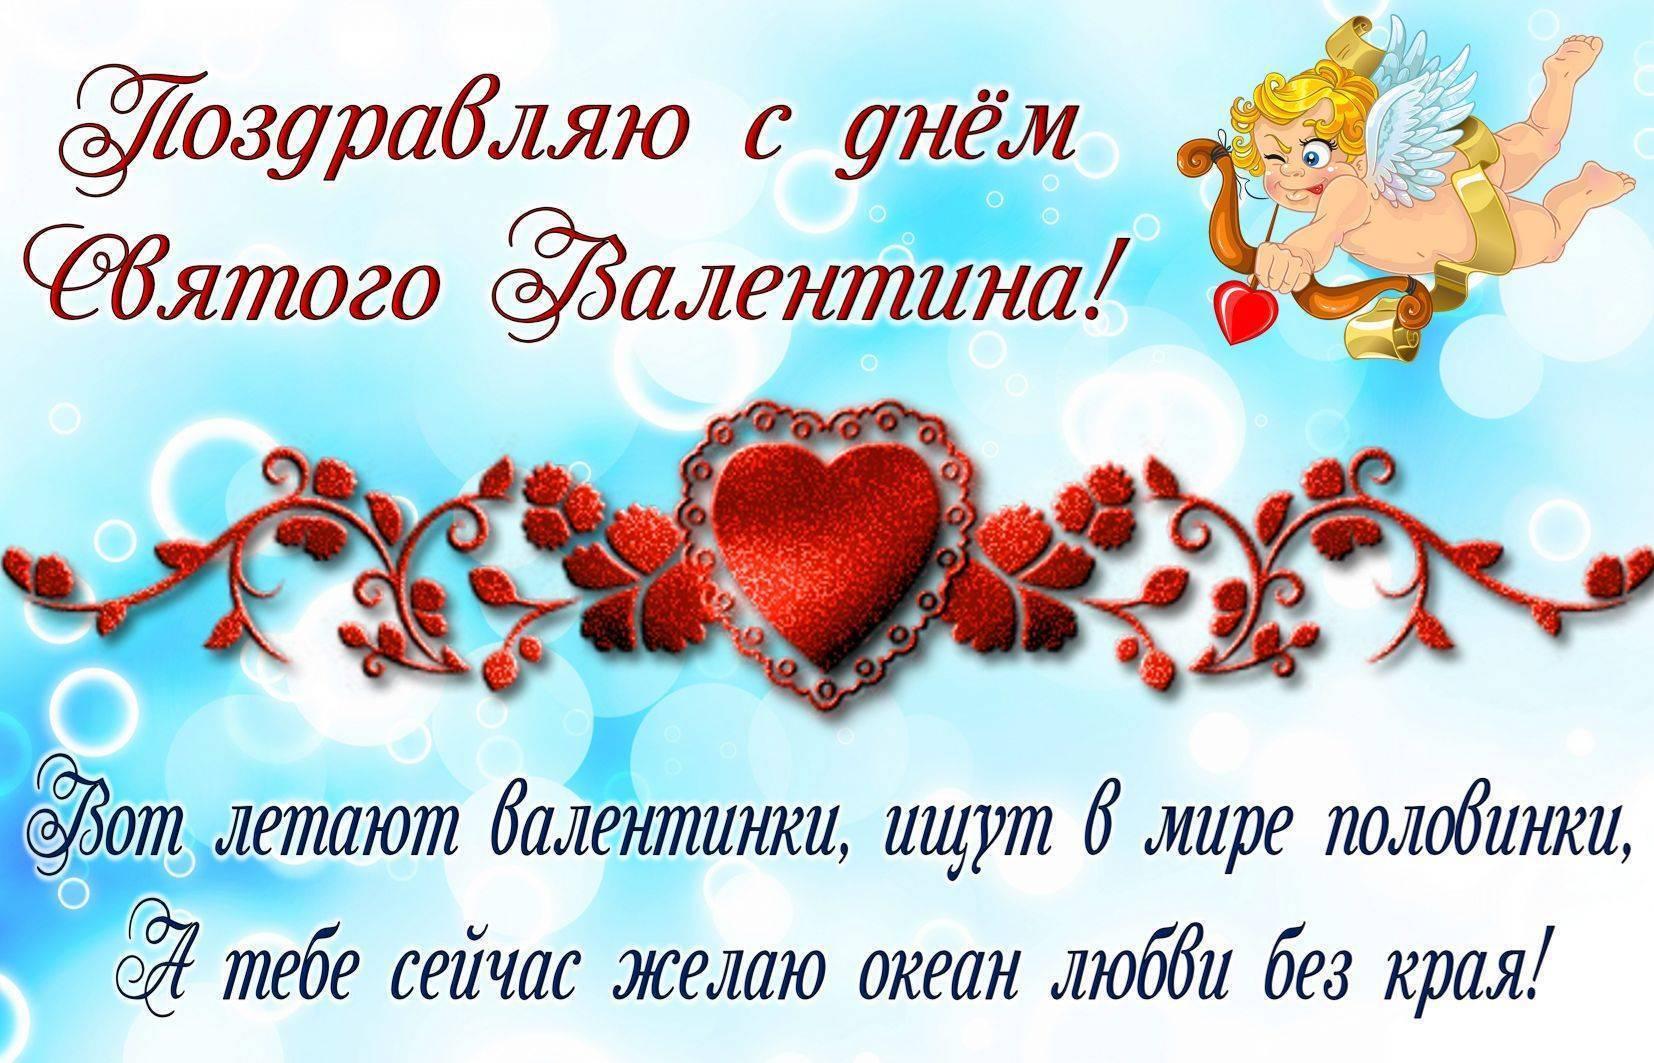 Поздравления с днем святого валентина - короткие для друзей, влюбленных